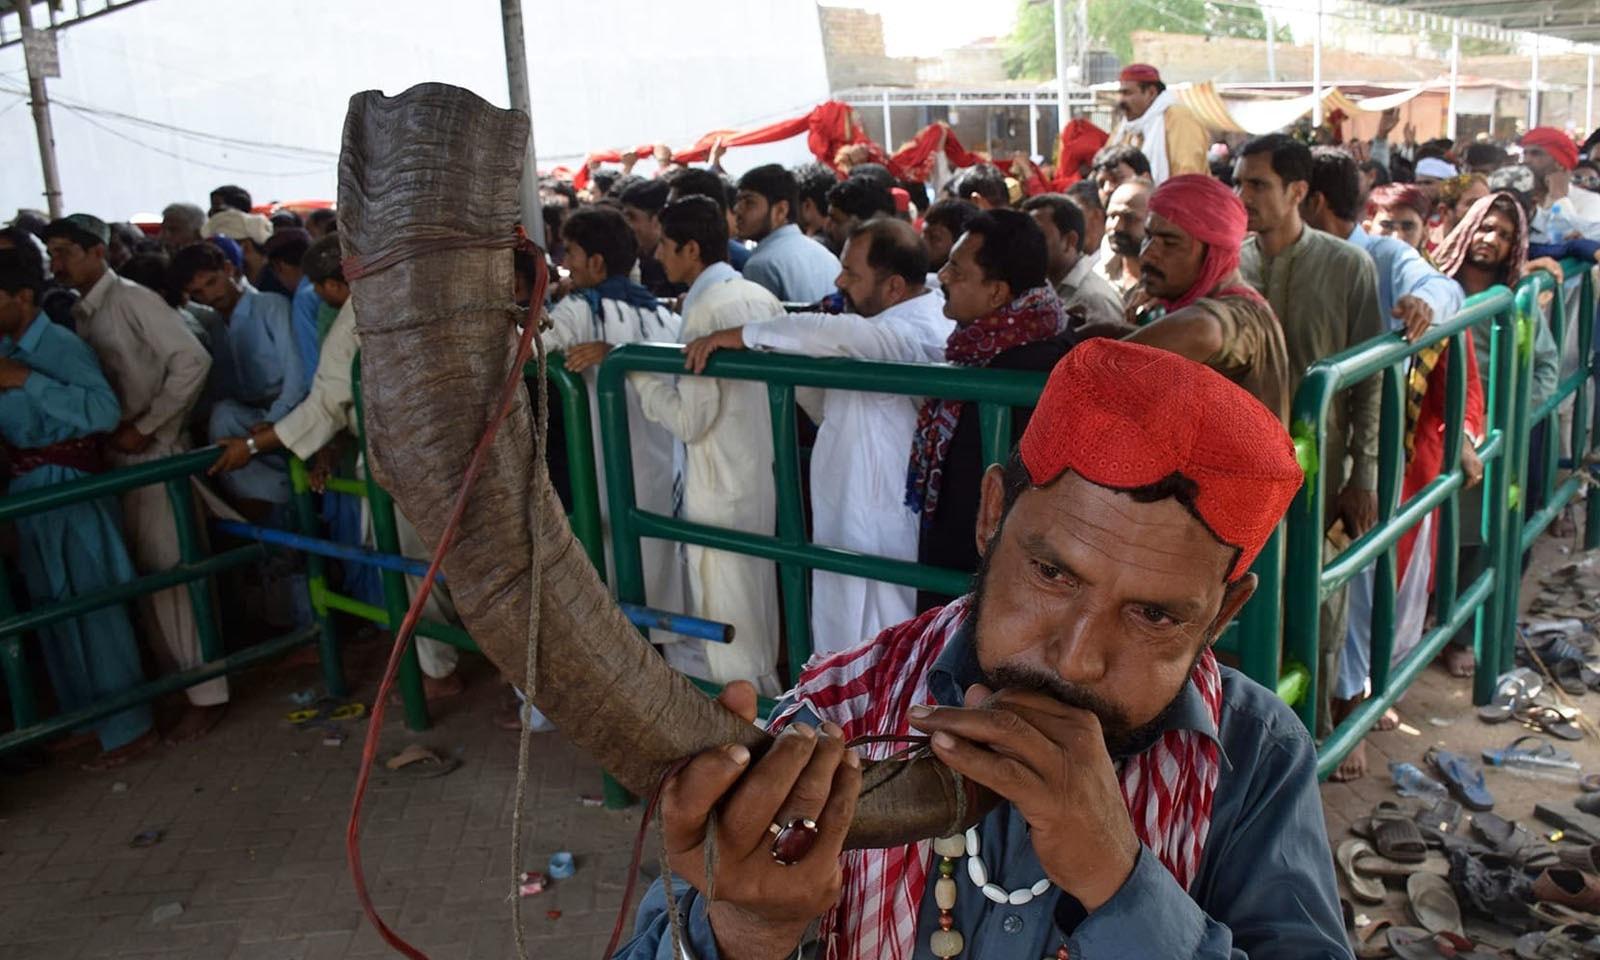 زائرین کی بڑی تعداد نے تقریبات میں شرکت کی—فوٹو: اے پی پی